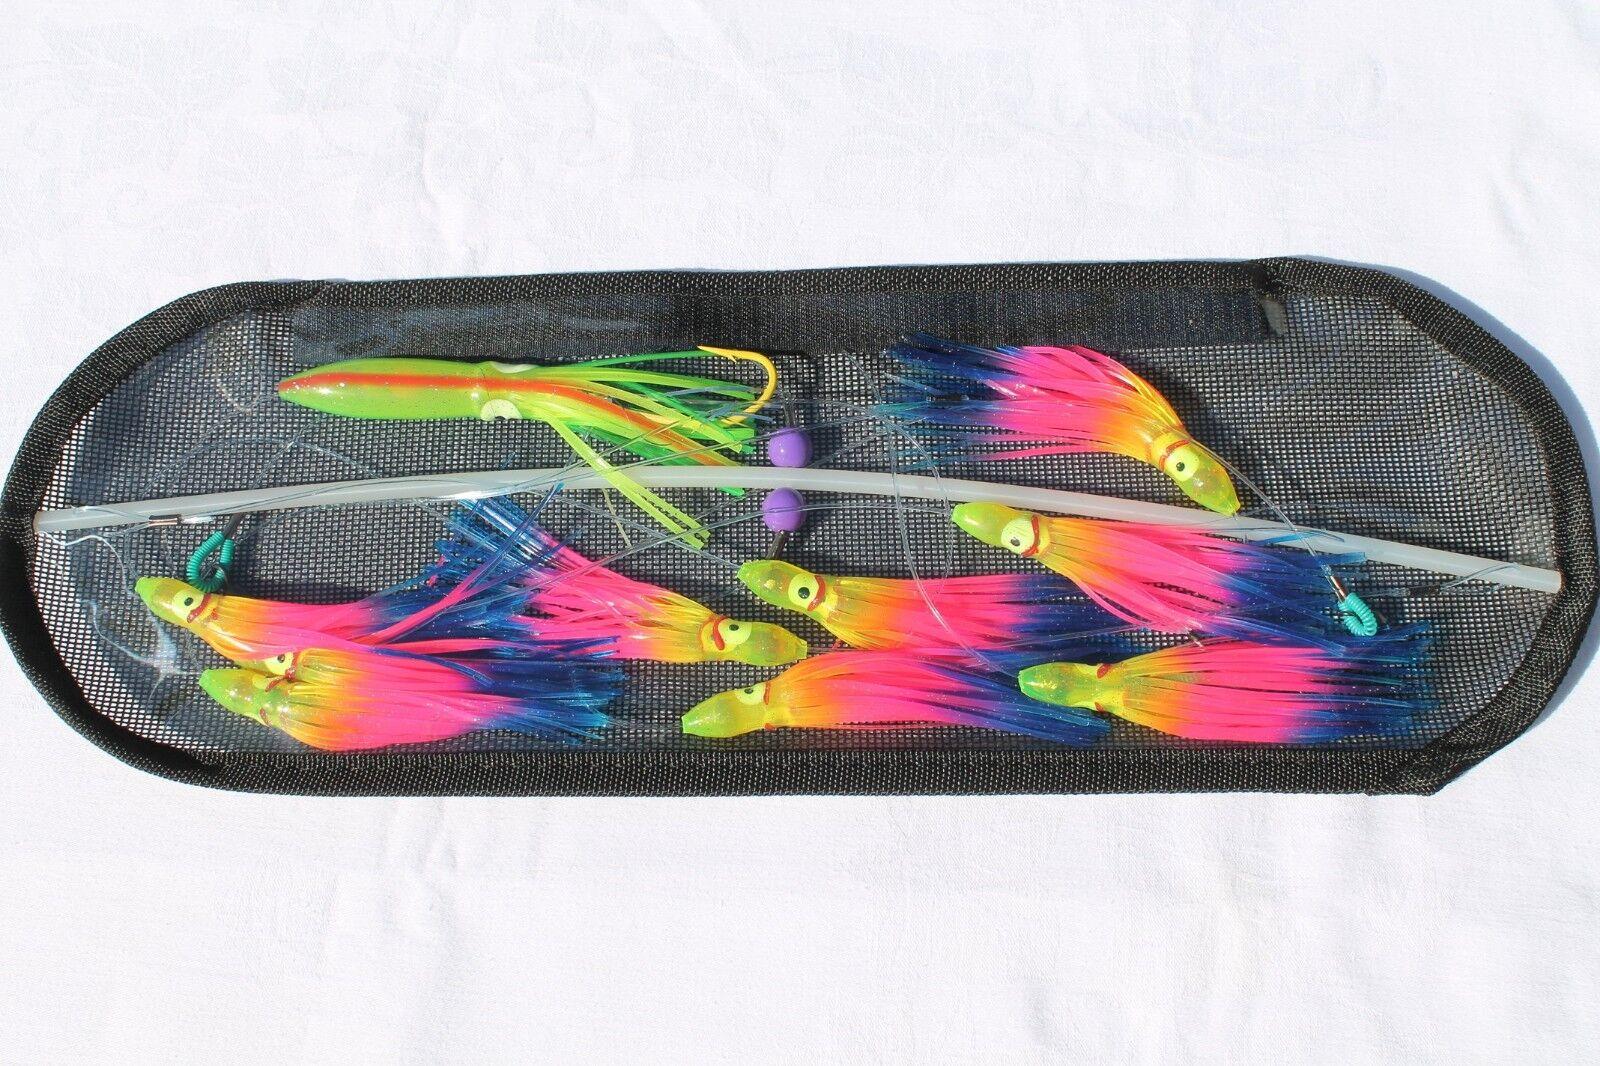 Barra De Difusor  Flexible De 18 Pulgadas con Gancho Arco Iris calamares, señuelos Y Bolsa De Almacenamiento  promocionales de incentivo